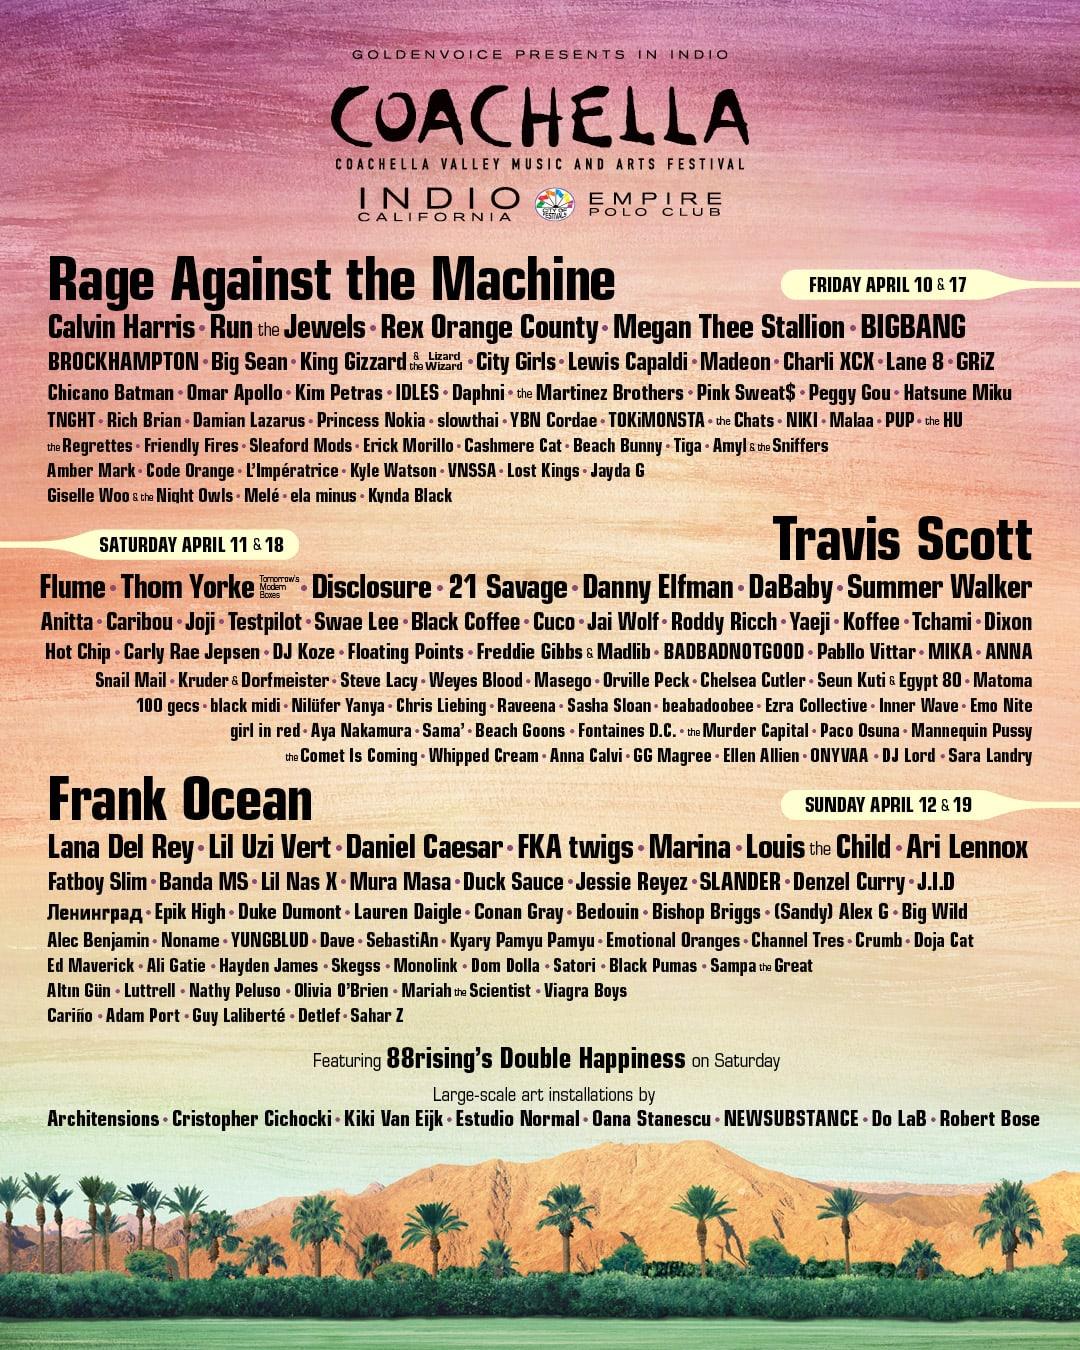 BIGBANG và Epik High tham dự Coachella 2020 - Ảnh 1.